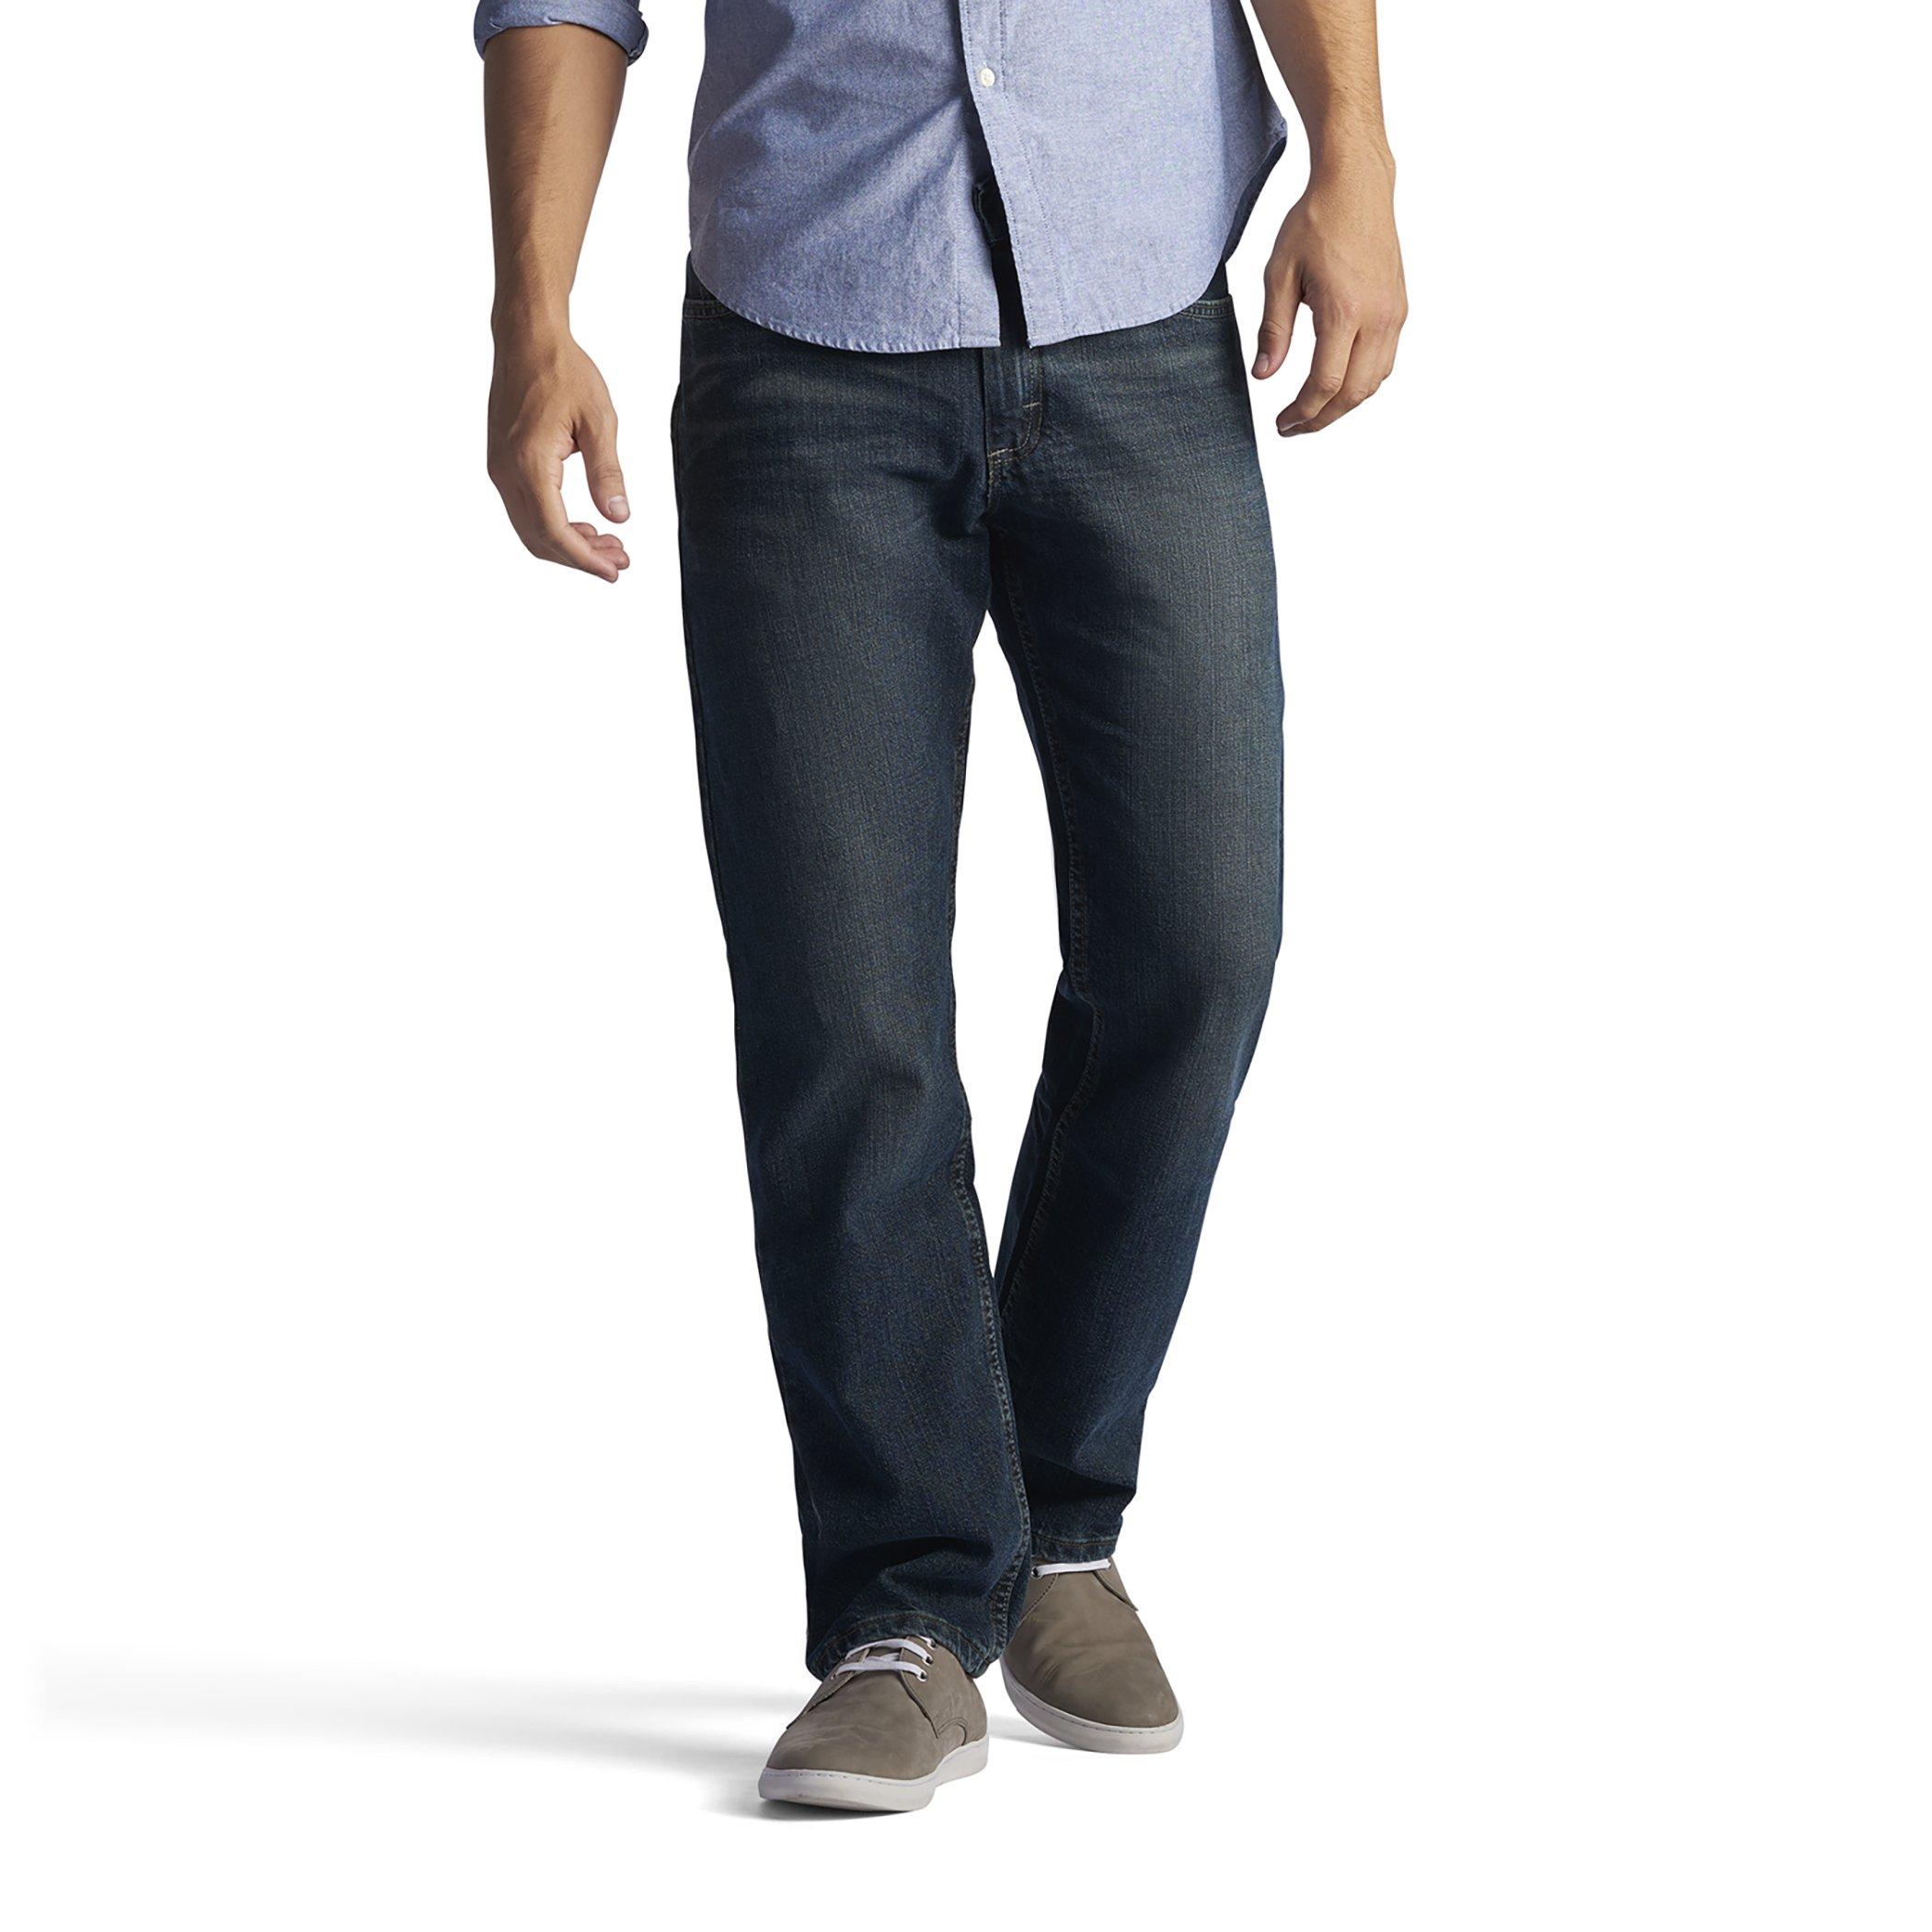 LEE Men Regular Fit Jeans - Quartz 200-8934